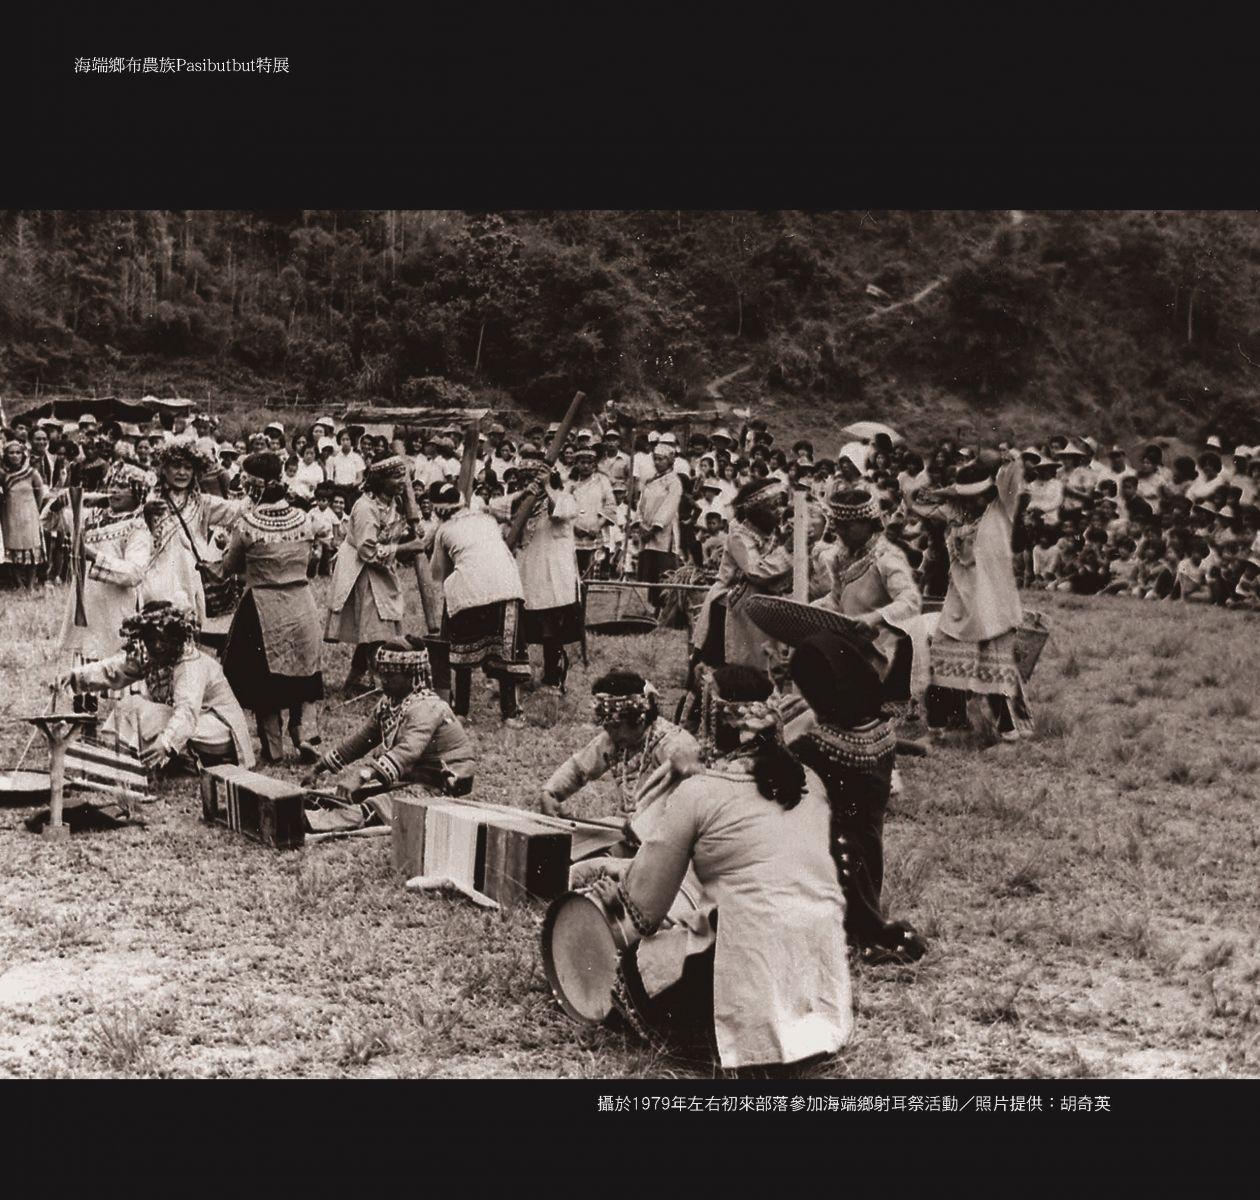 攝於1979年左右初來部落參加海端鄉射耳祭活動/照片提供:胡奇英